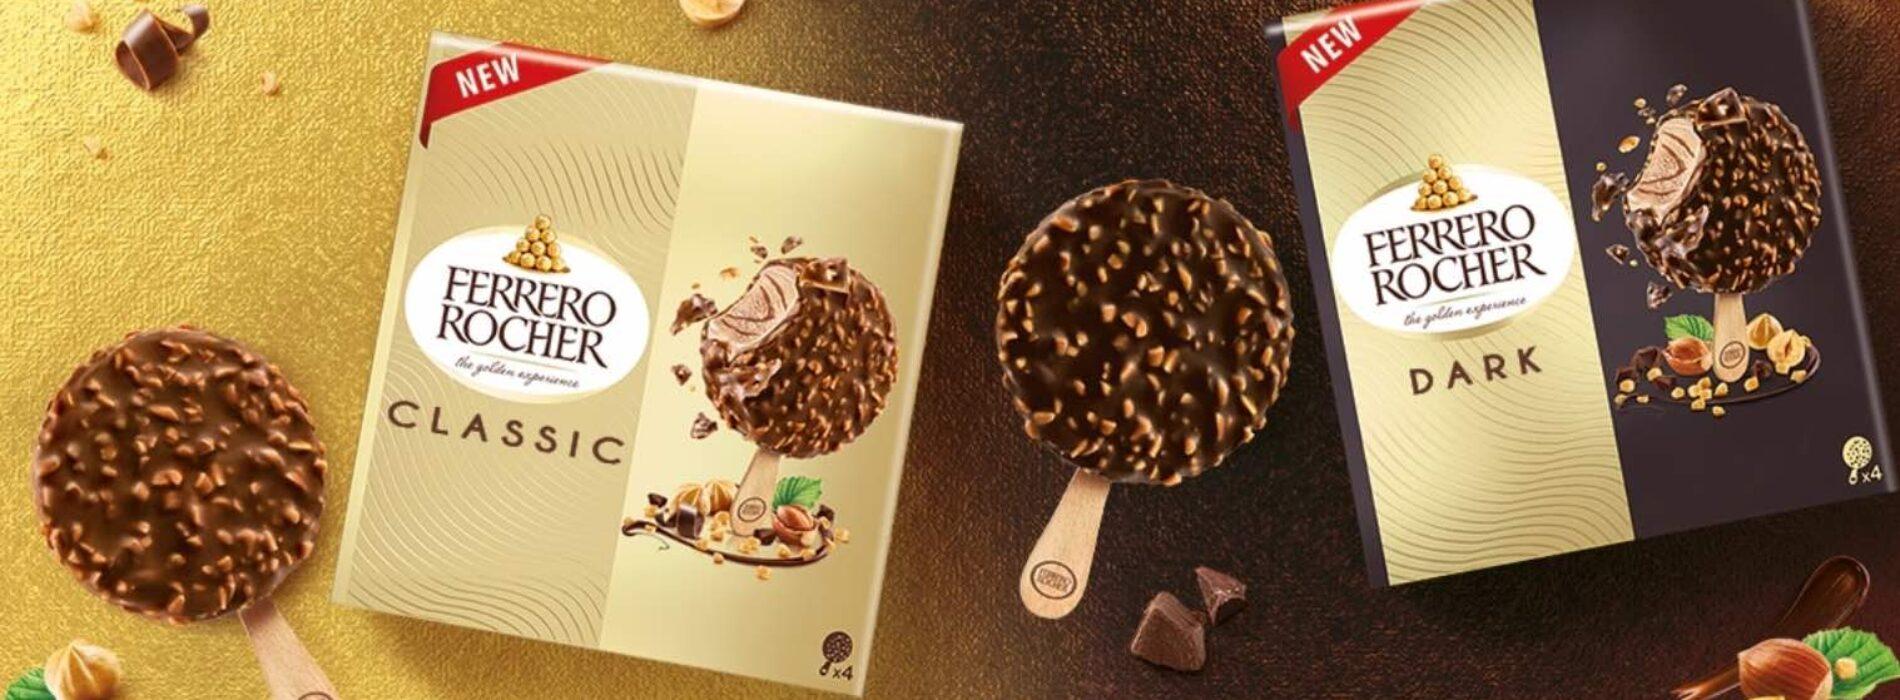 Ferrero debutta nel mercato dei gelati confezionati: stecchi Rocher e Raffaello e ghiaccioli Estathé